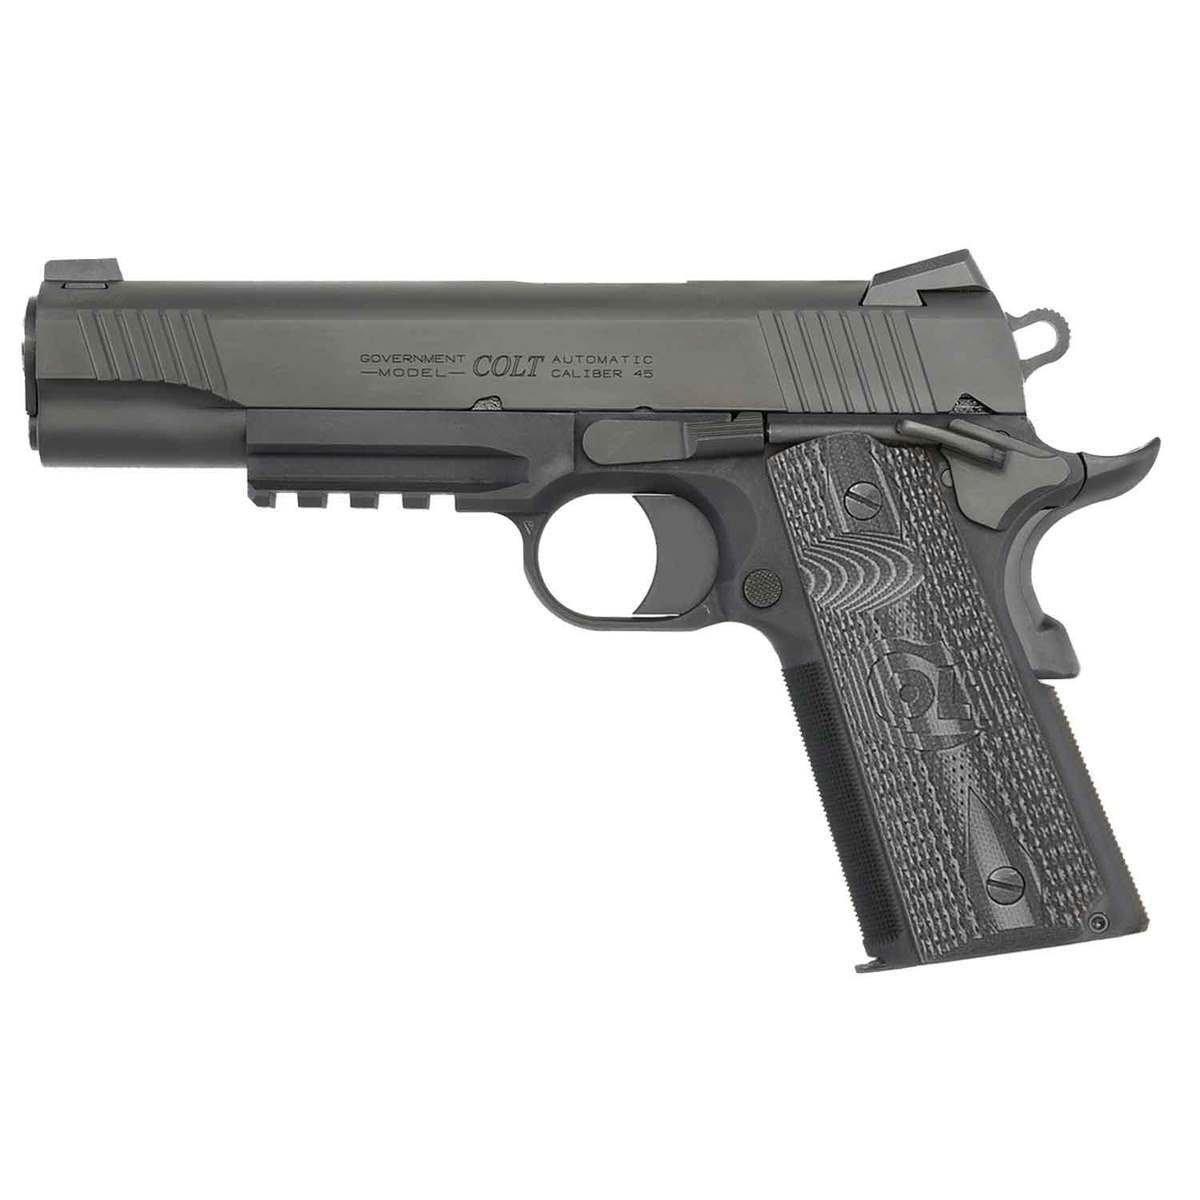 image of Colt Combat Unit Rail 1911 Pistol